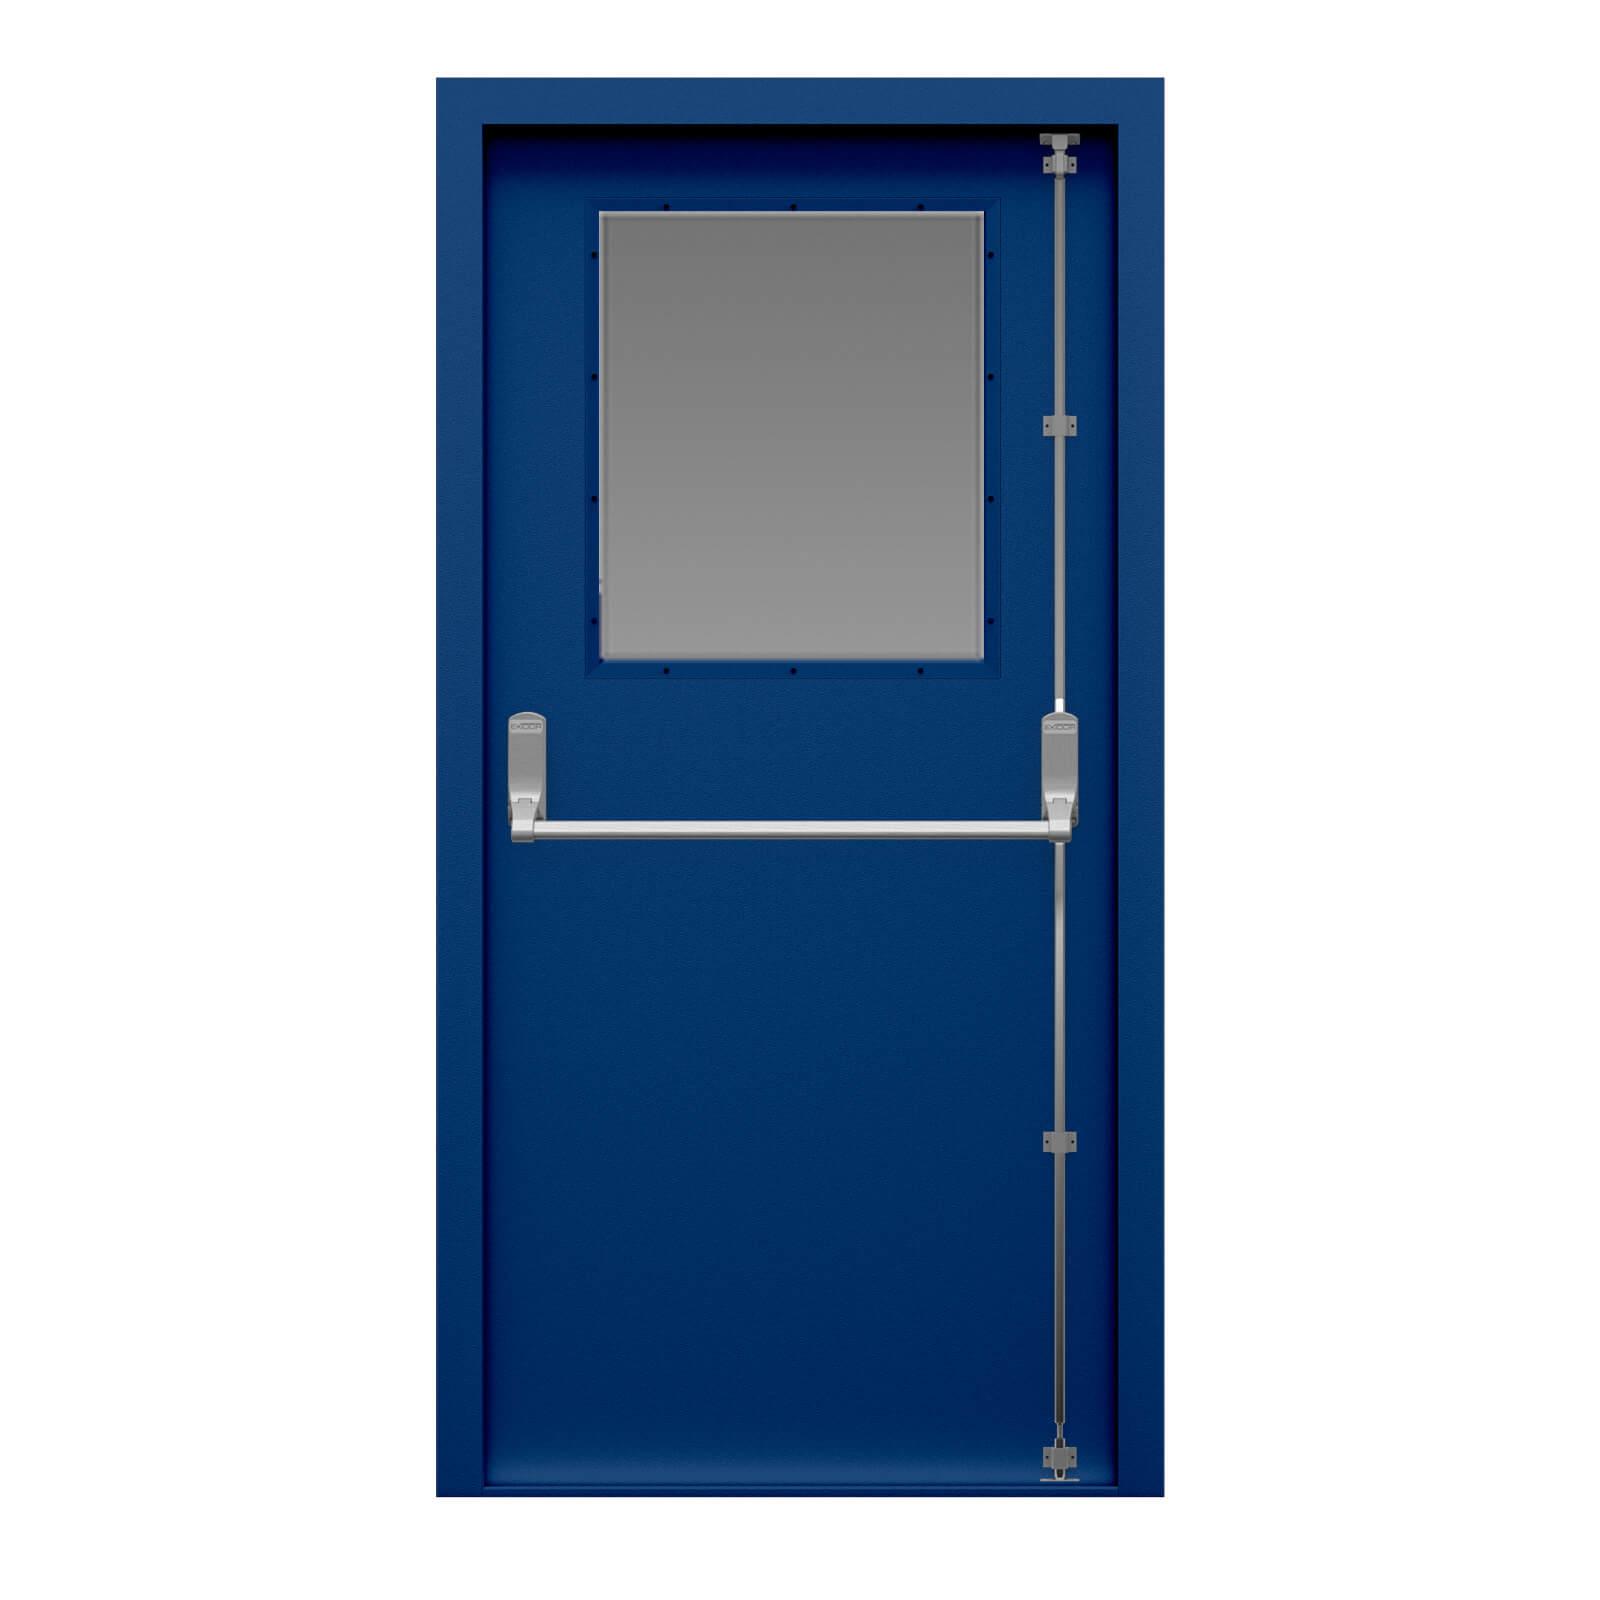 Glazed Fire Exit Door Security Latham S Steel Doors